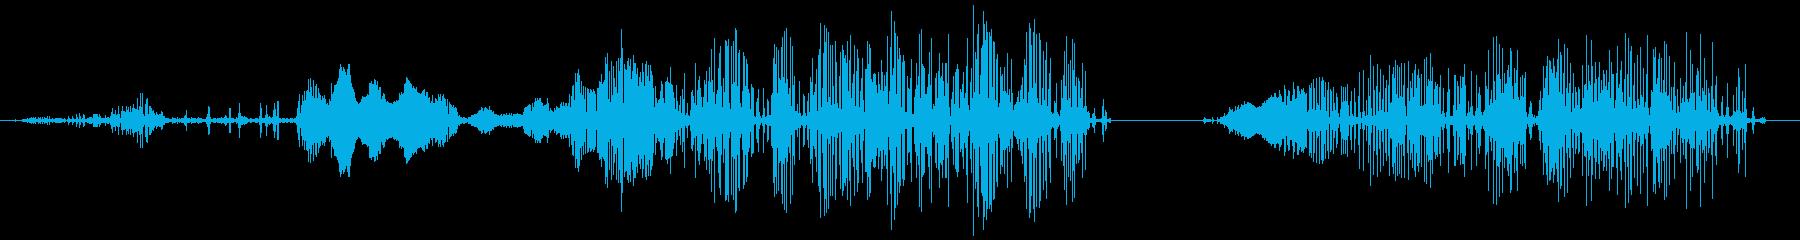 エイリアンラットの鳴き声、SCI ...の再生済みの波形